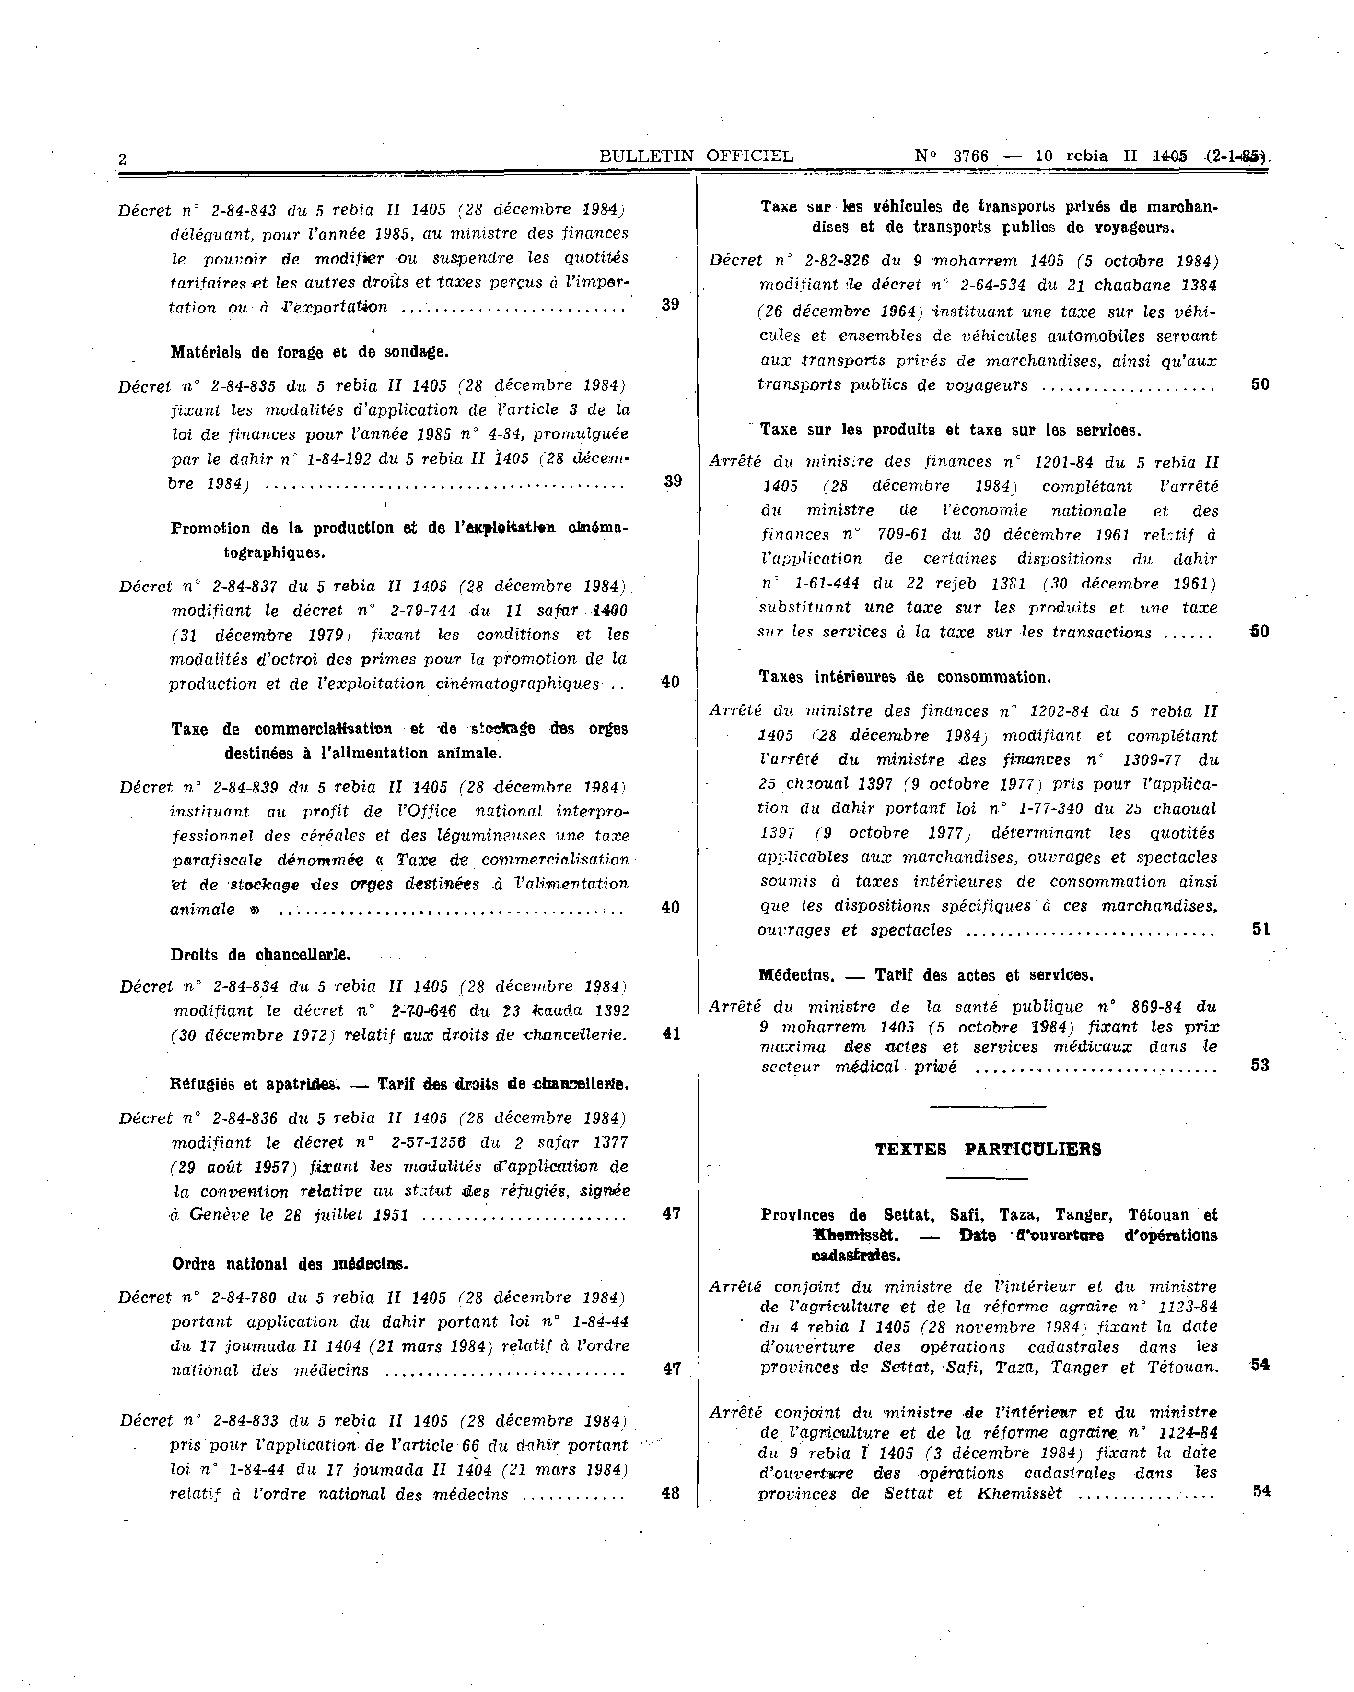 les-prix-maxima-des-acte-et-service-medicaux-dans-le-secteur-prive-002